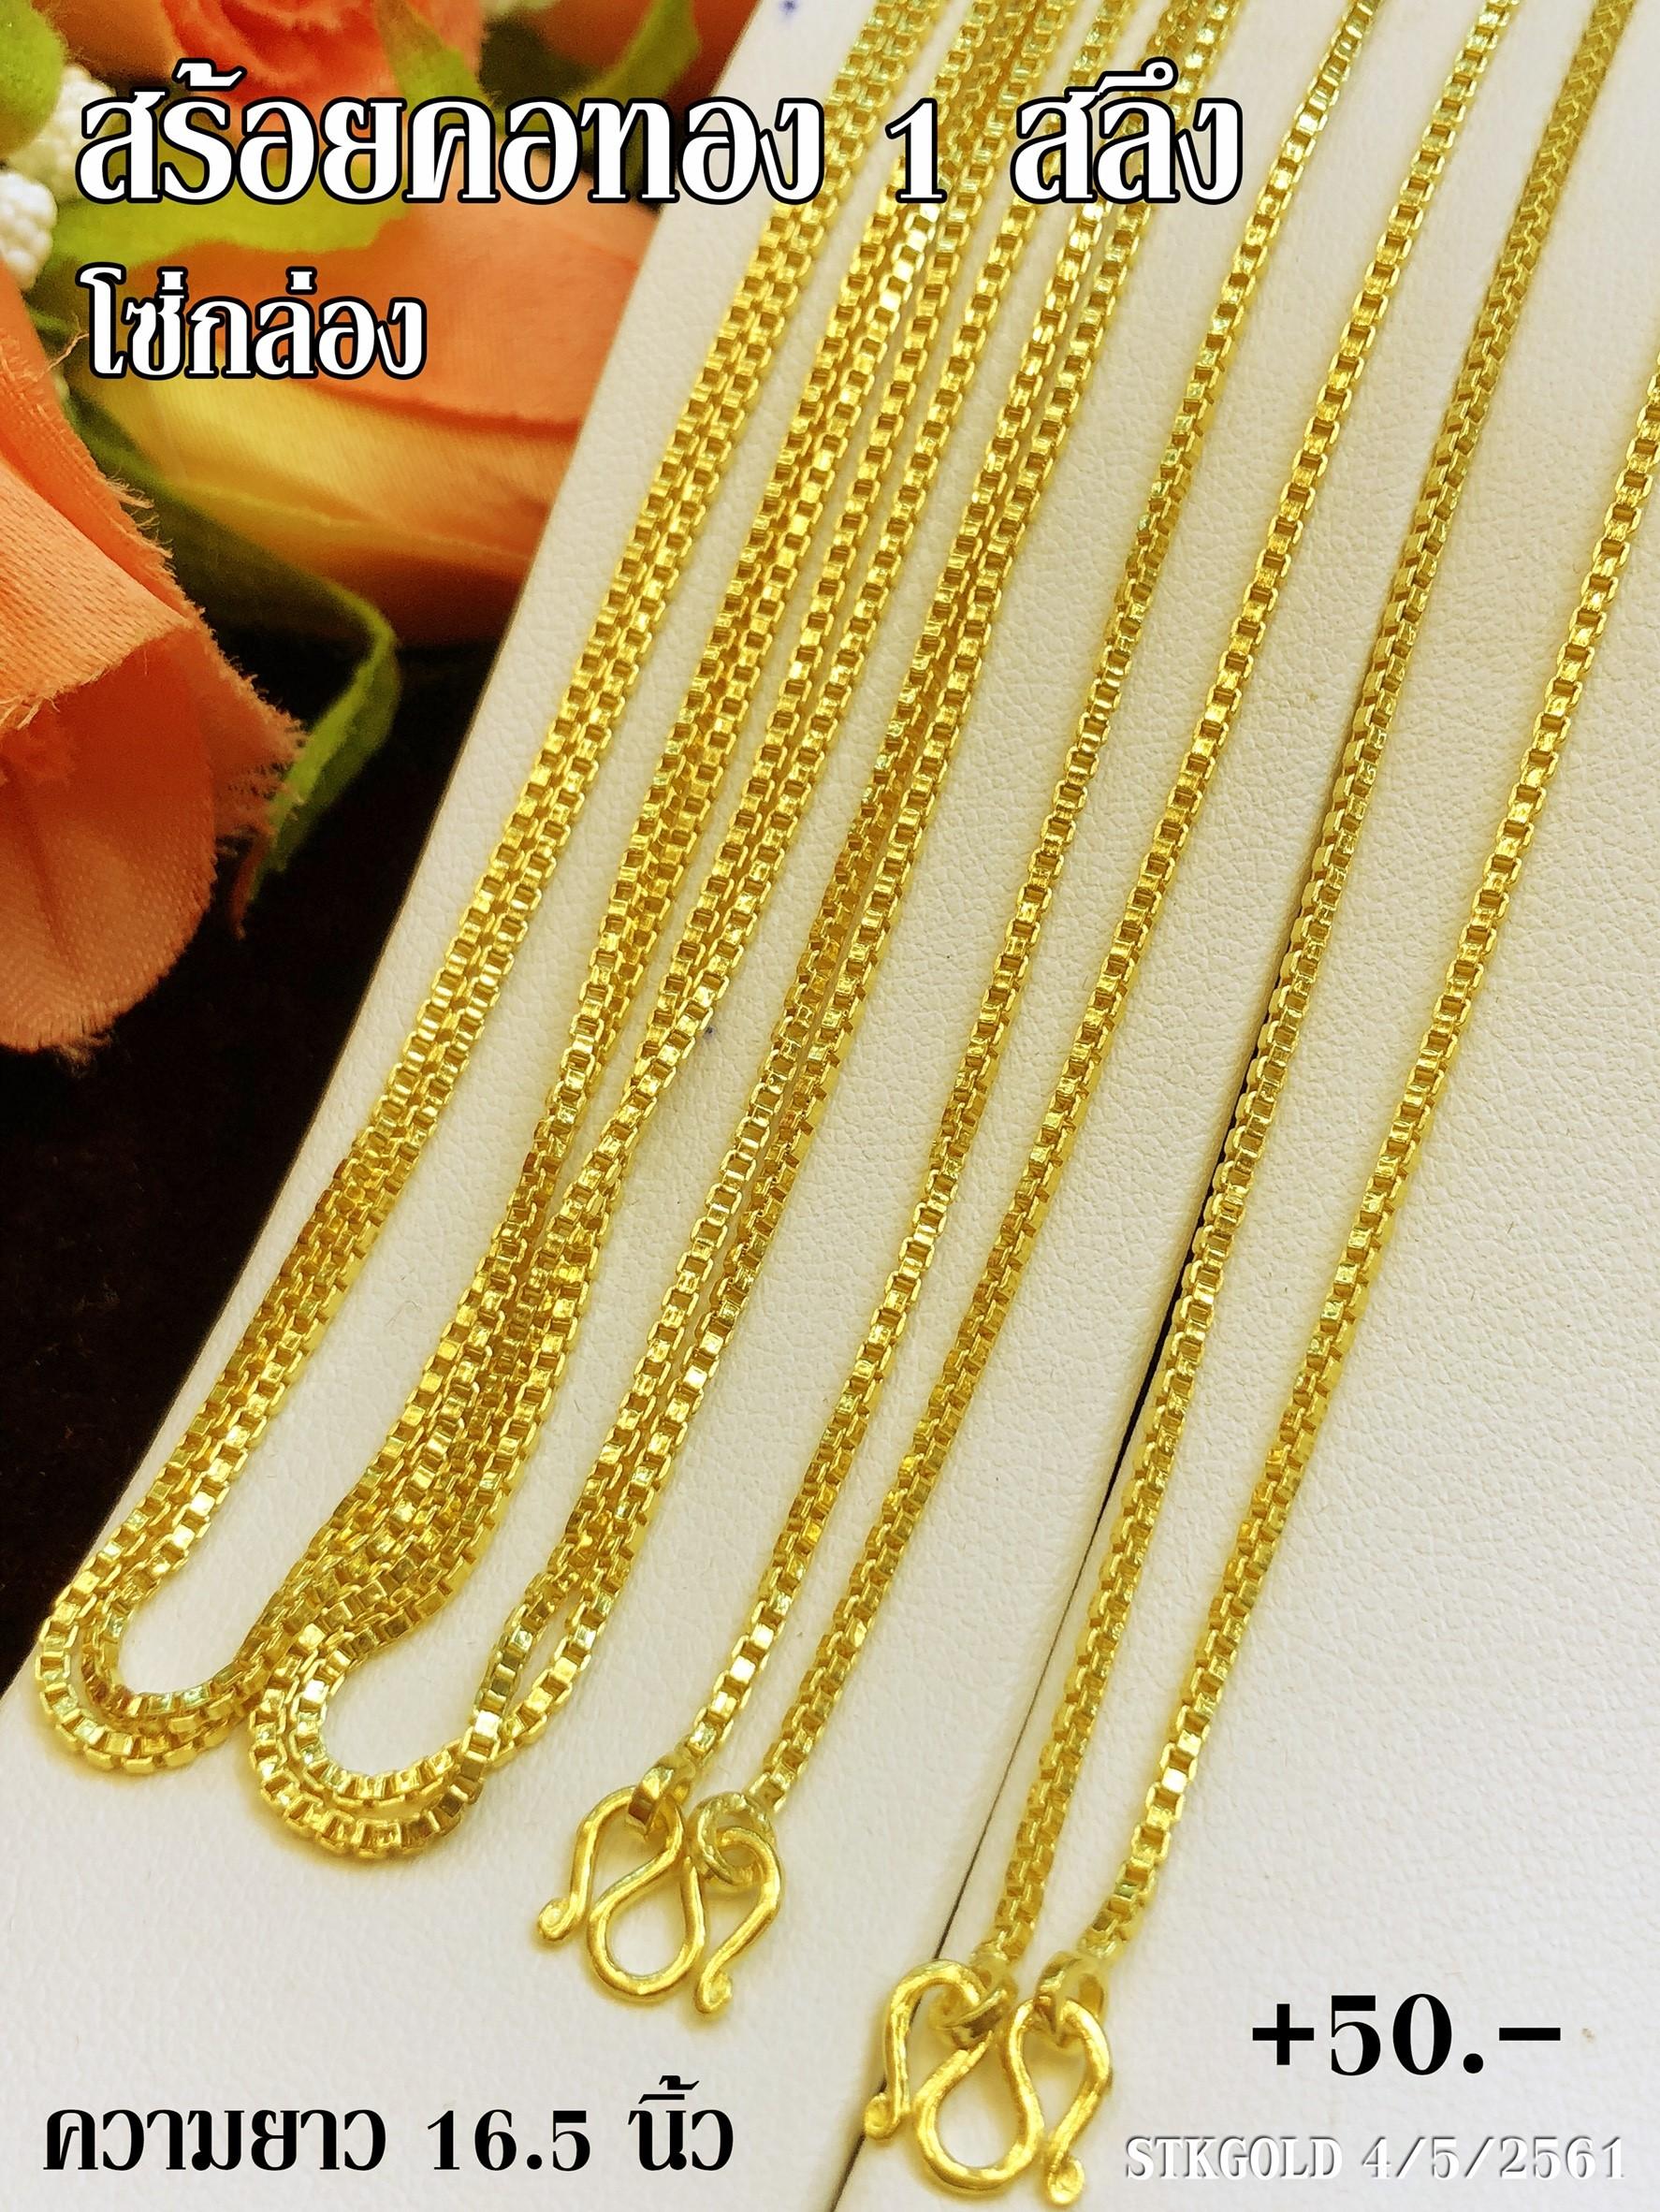 สร้อยคอทองแท้ 96.5% โซ่กล่อง หนัก 1 สลึง (3.8 กรัม) ยาว 16.5 นิ้ว